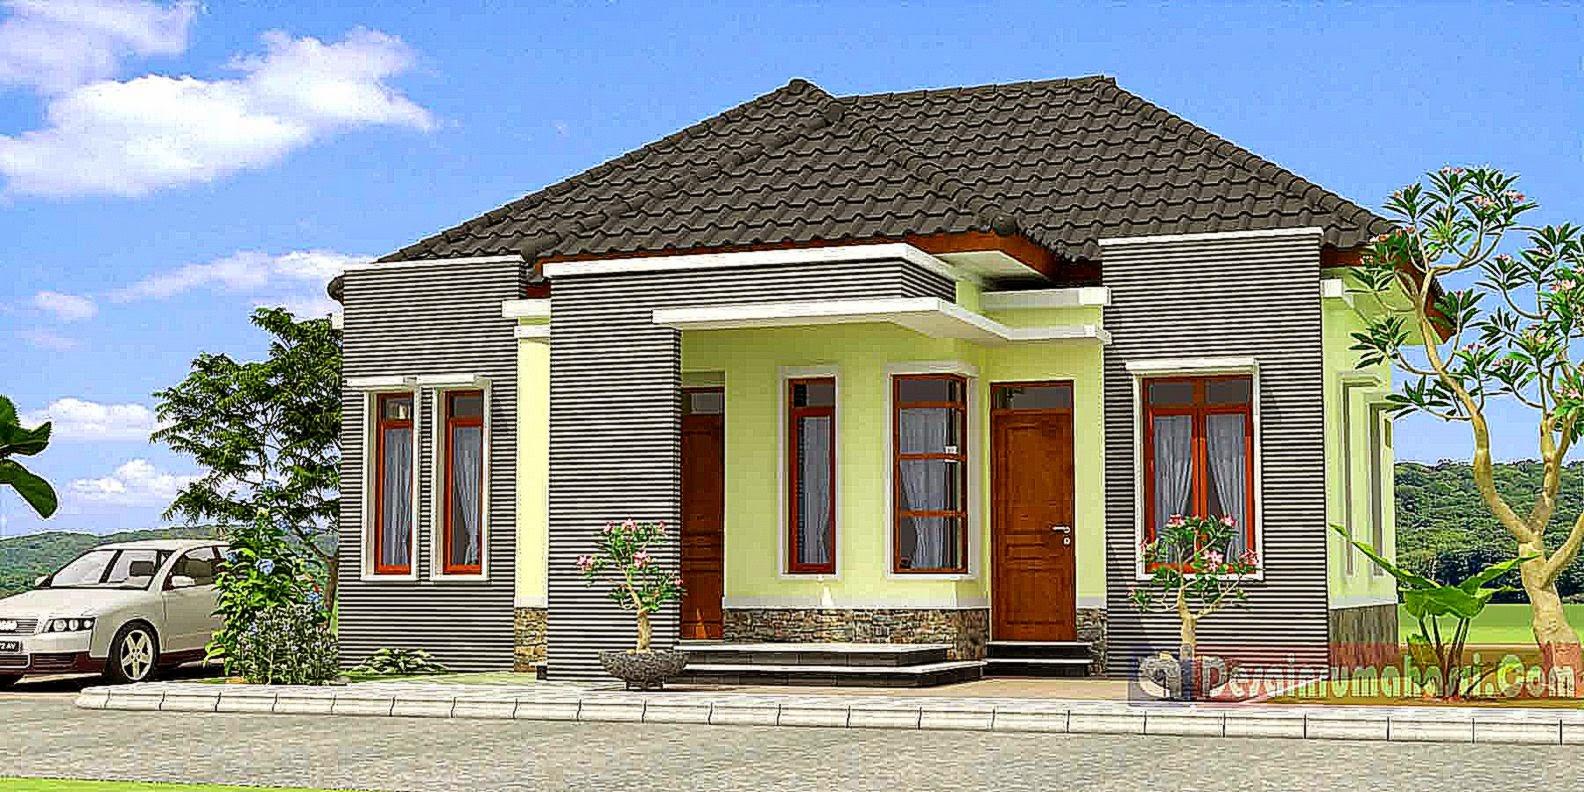 Desain Rumah Minimalis 2 Lantai Ukuran 5x12 Kabar Bola Terbaru Vroh